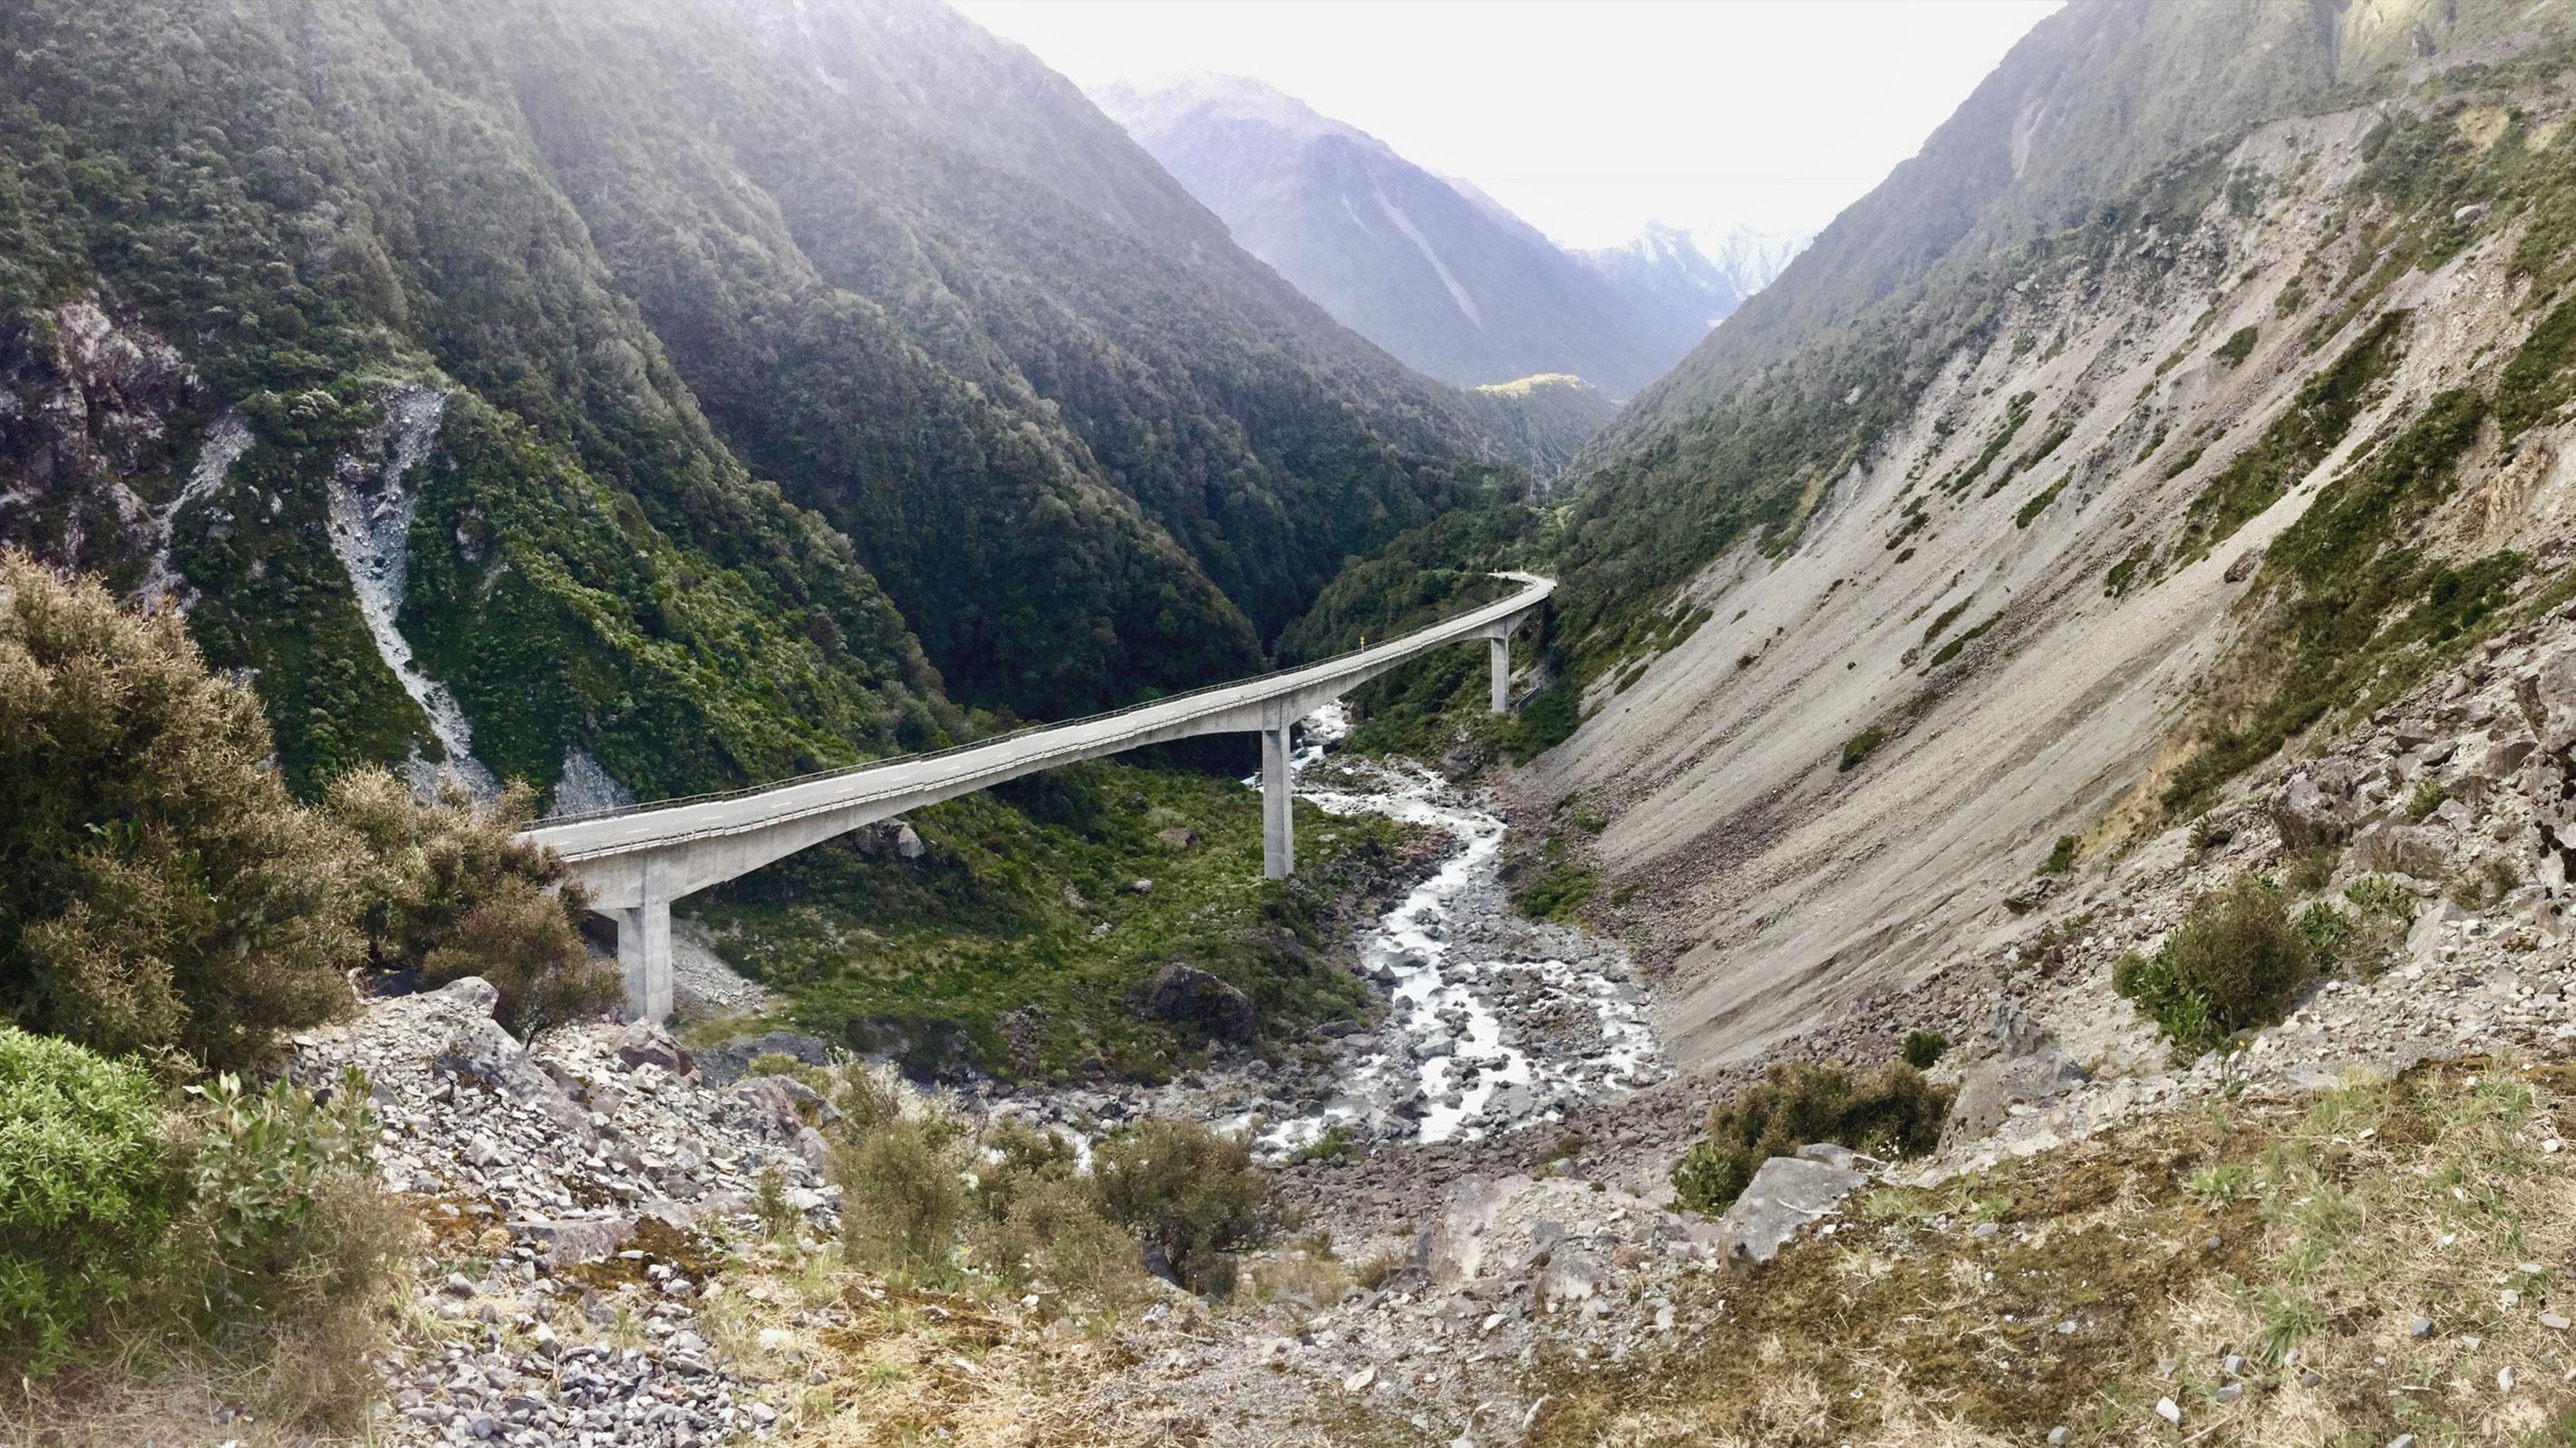 Brücke durch den Arthurs Pass auf Neuseelands Südinsel